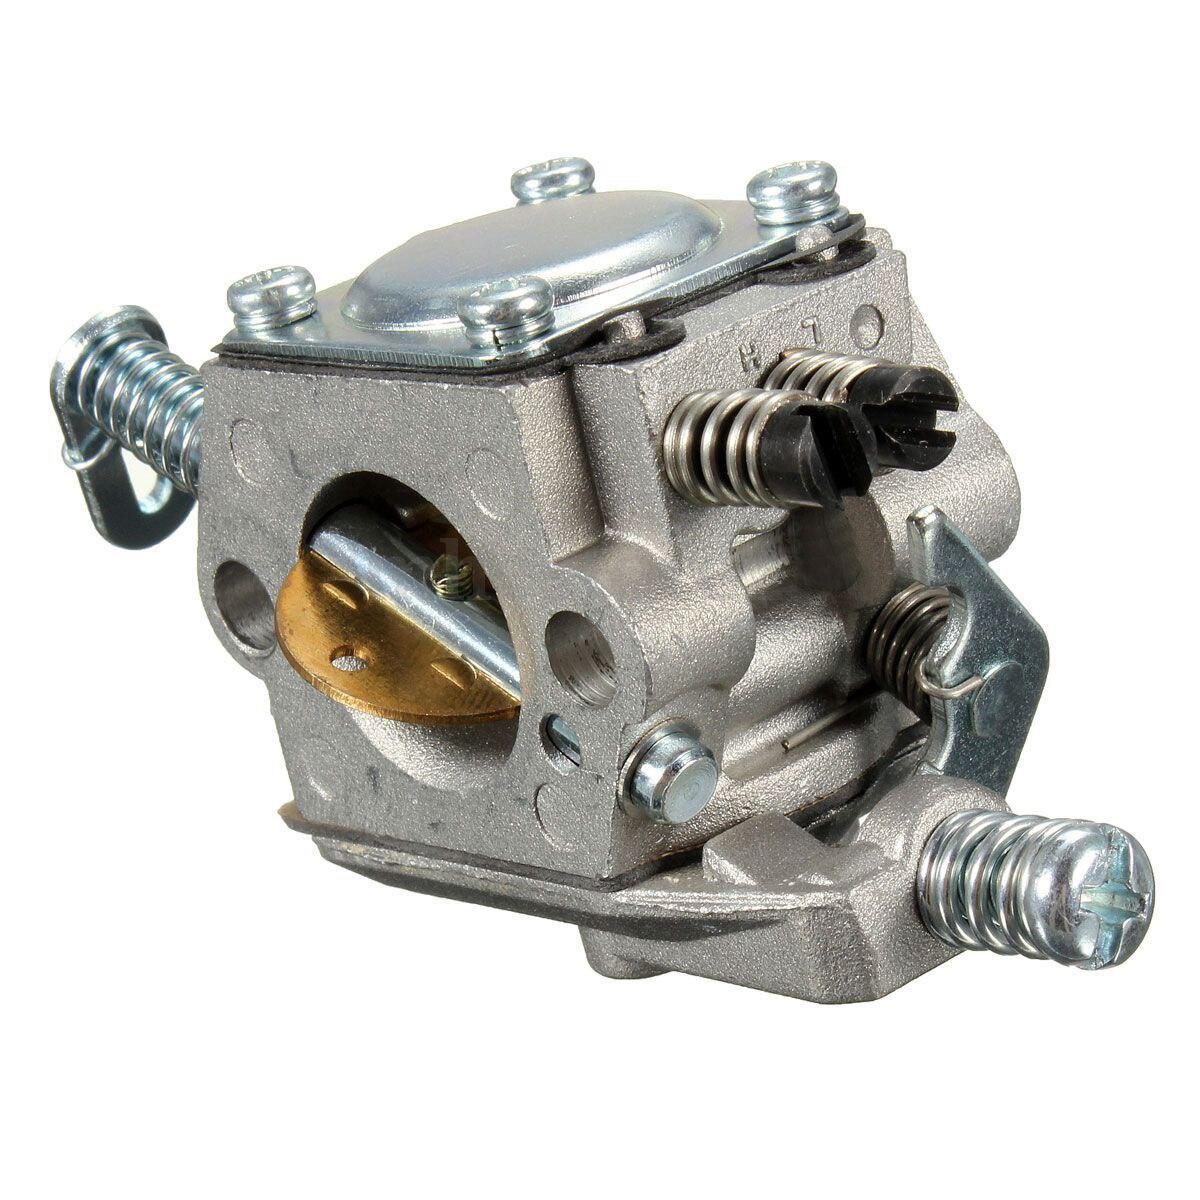 Carburateur Carb pour STIHL 025 023 021 MS250 MS230 Zama tronçonneuse Walbro remplacer argent